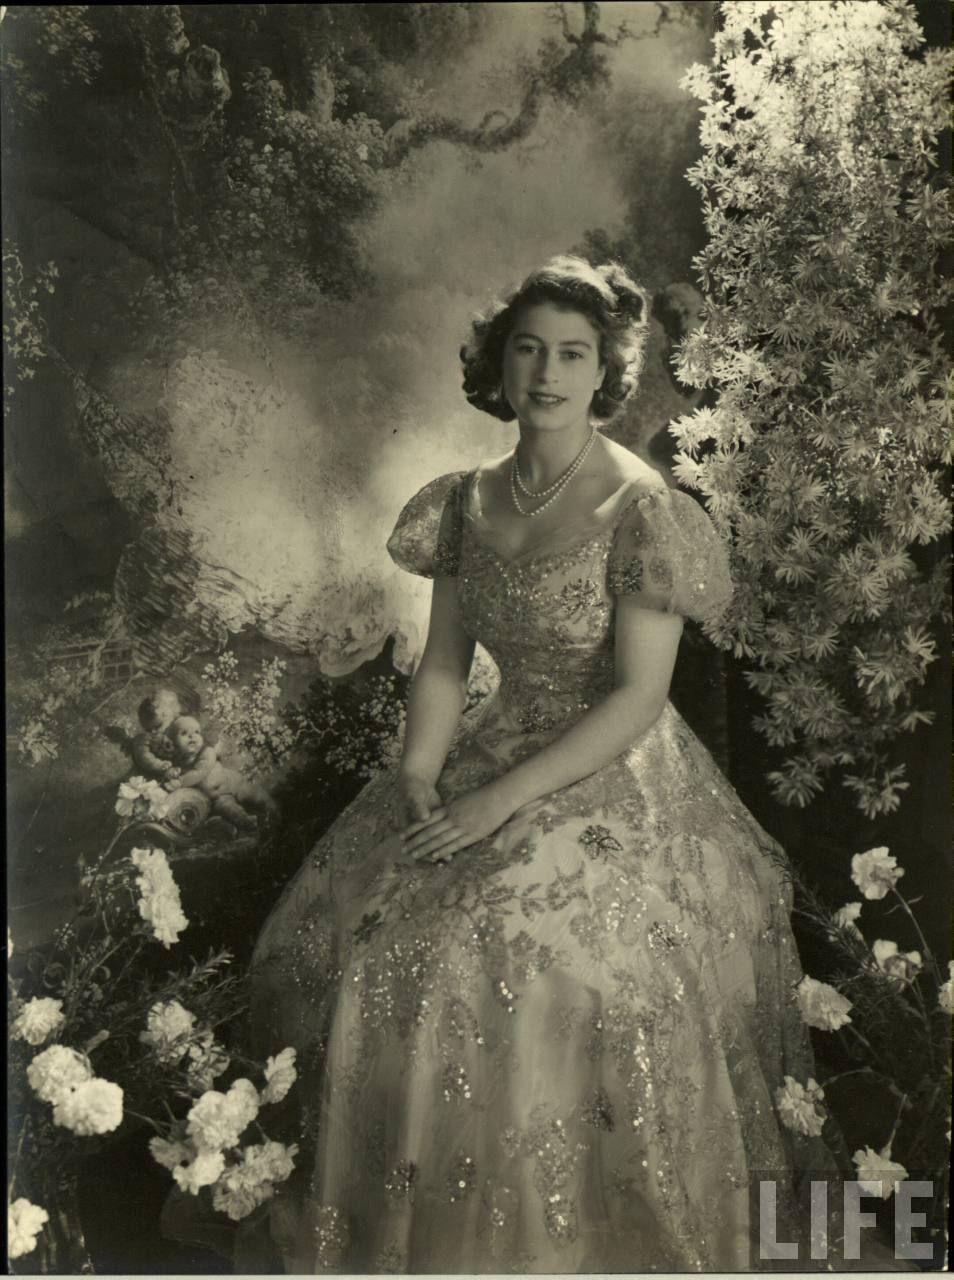 Queen Elizabeth II was born Princess Elizabeth Alexandra